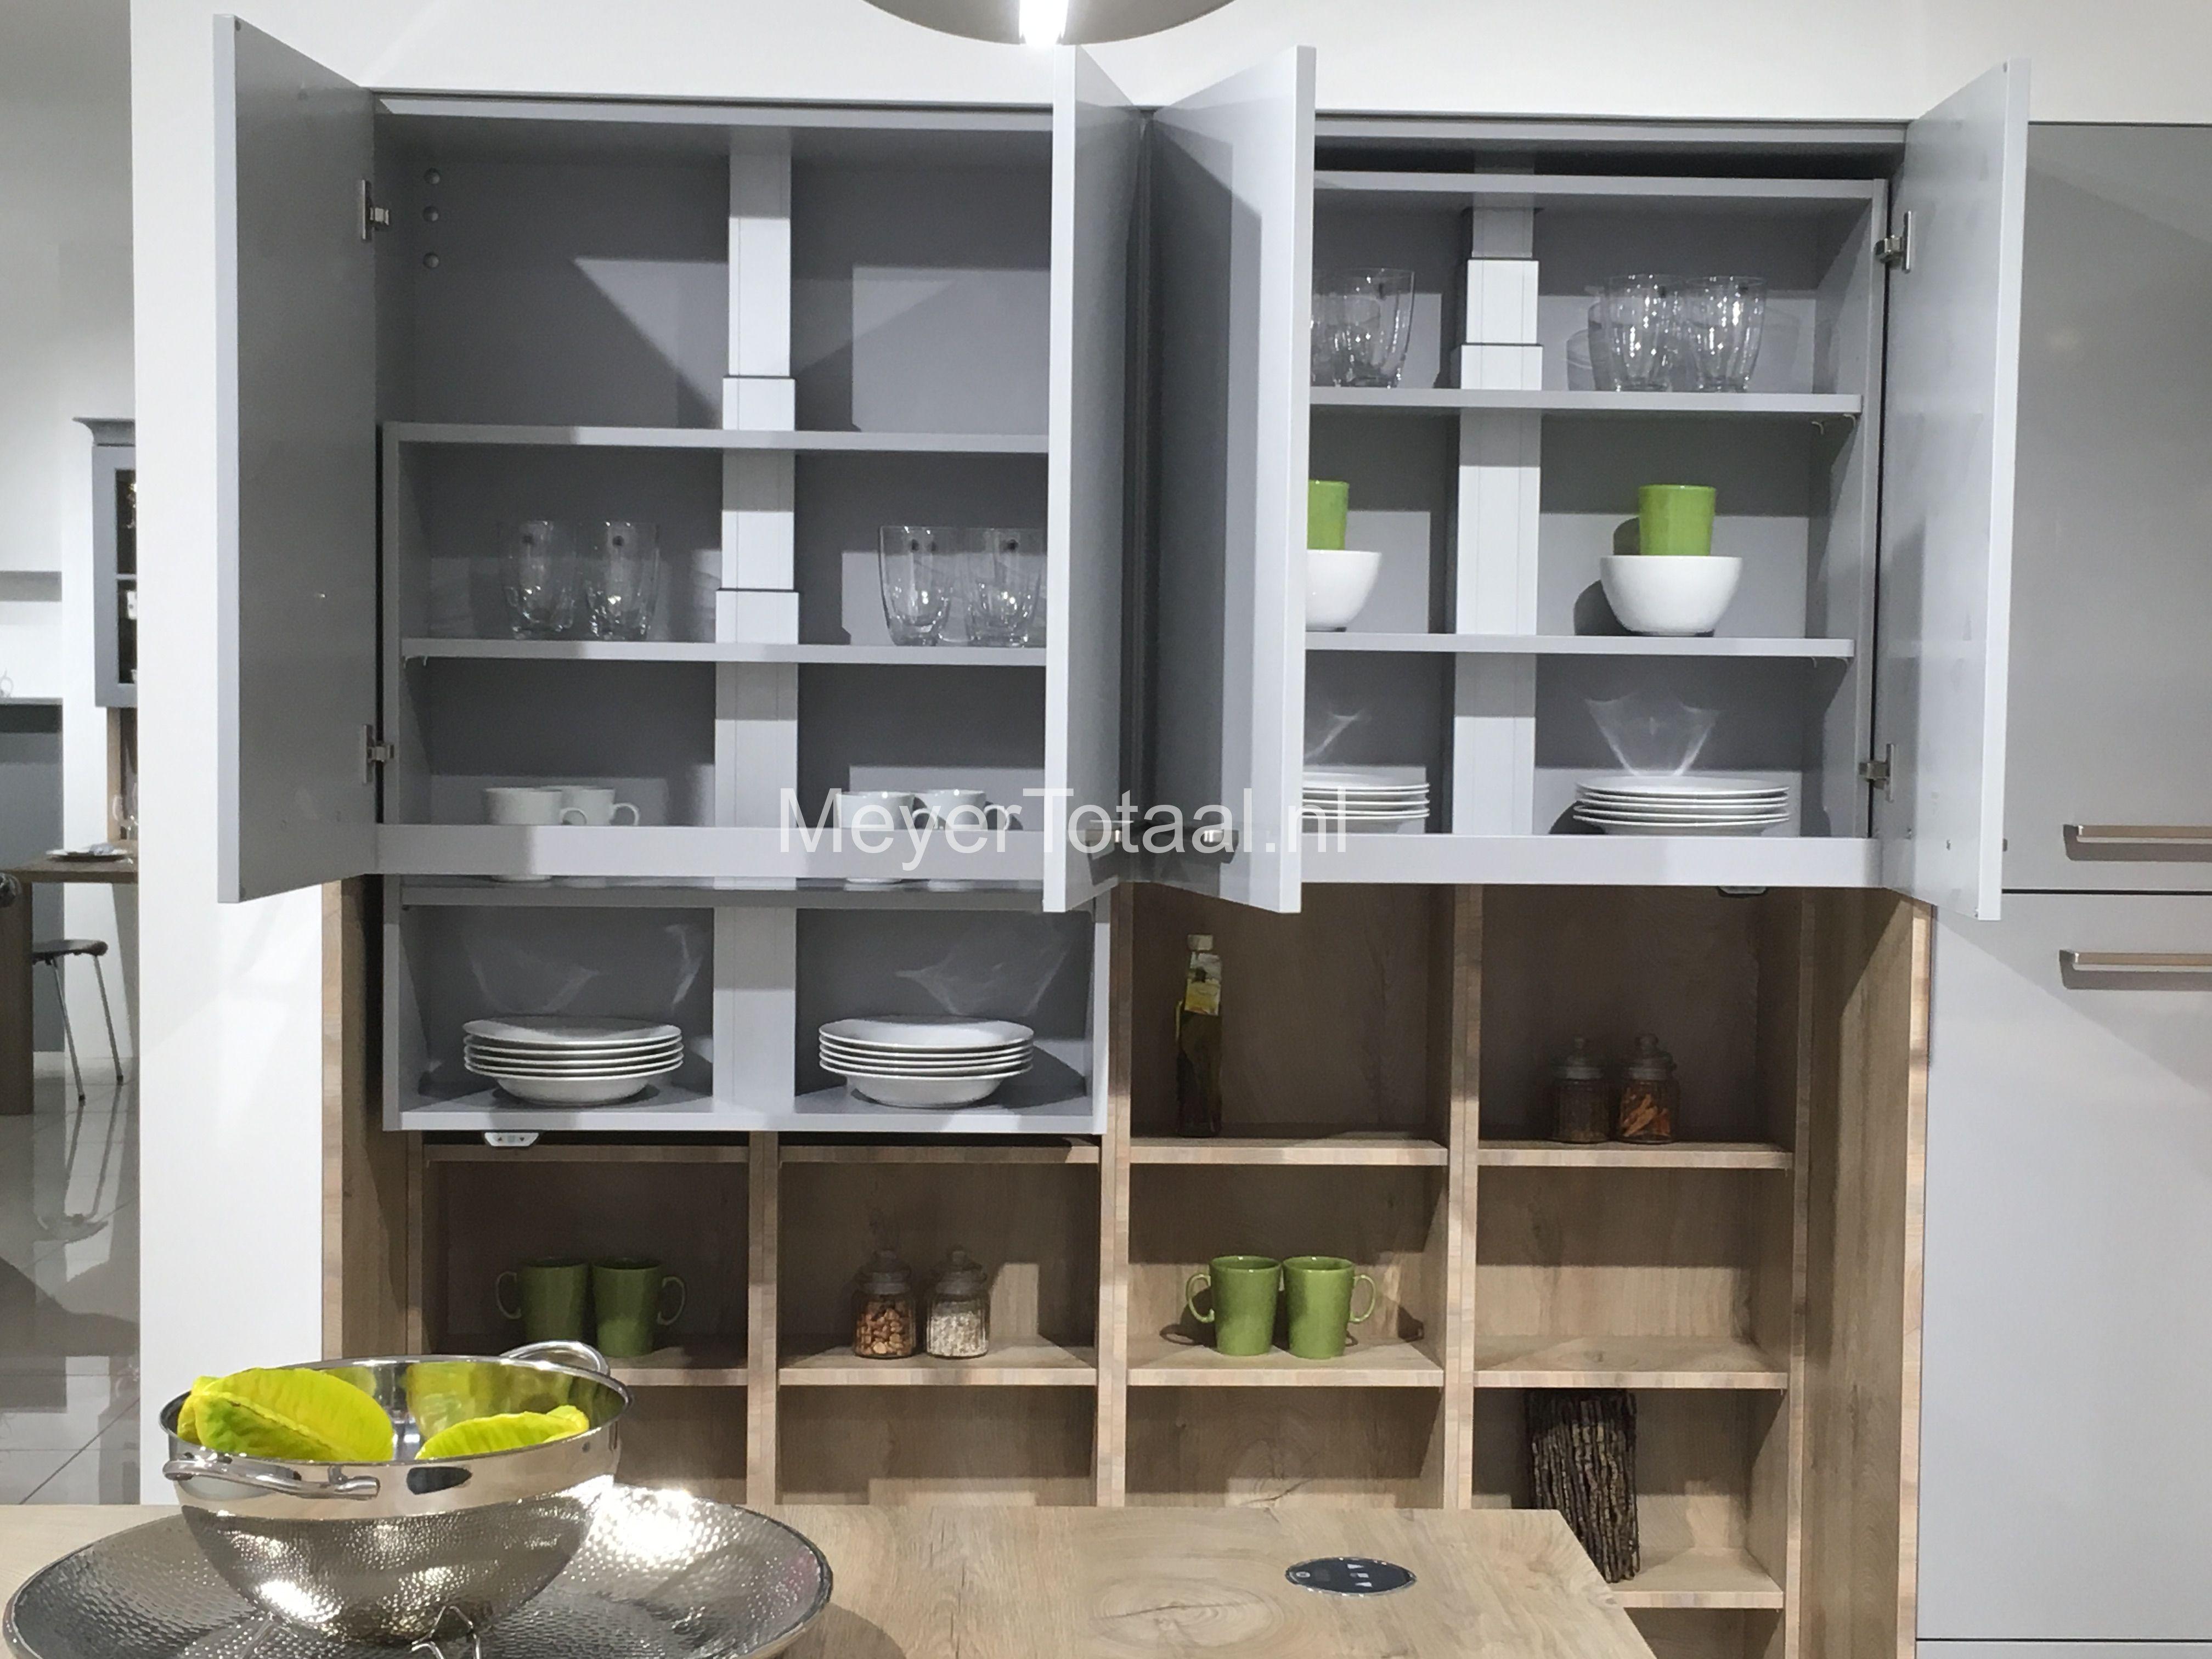 Indeling apothekerskast keuken janssen en ko fotos küche